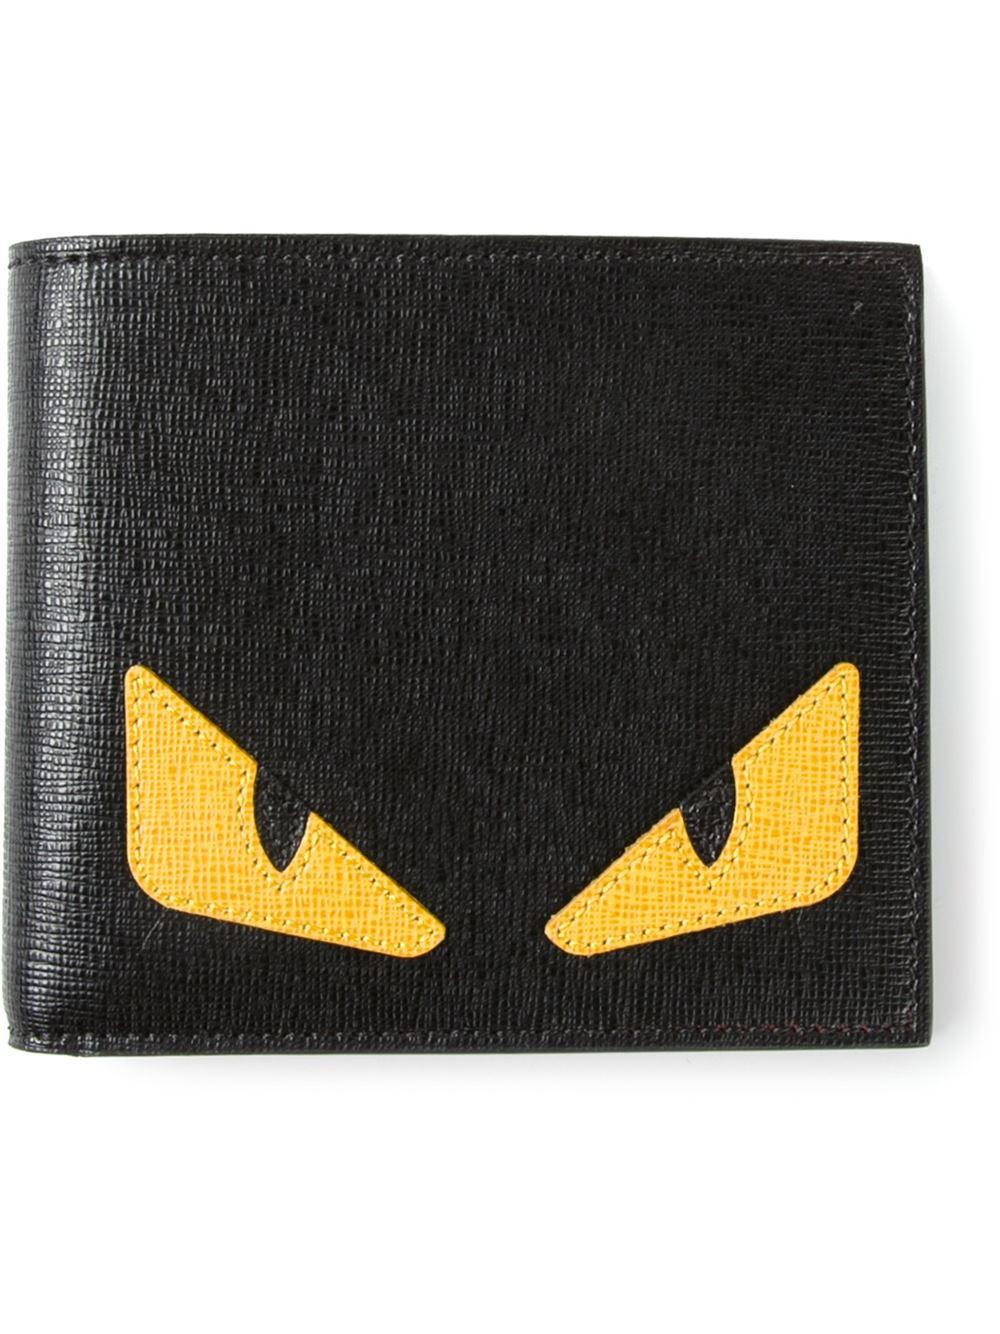 ec123b1a2e Lyst - Fendi Bag Bugs Wallet in Black for Men